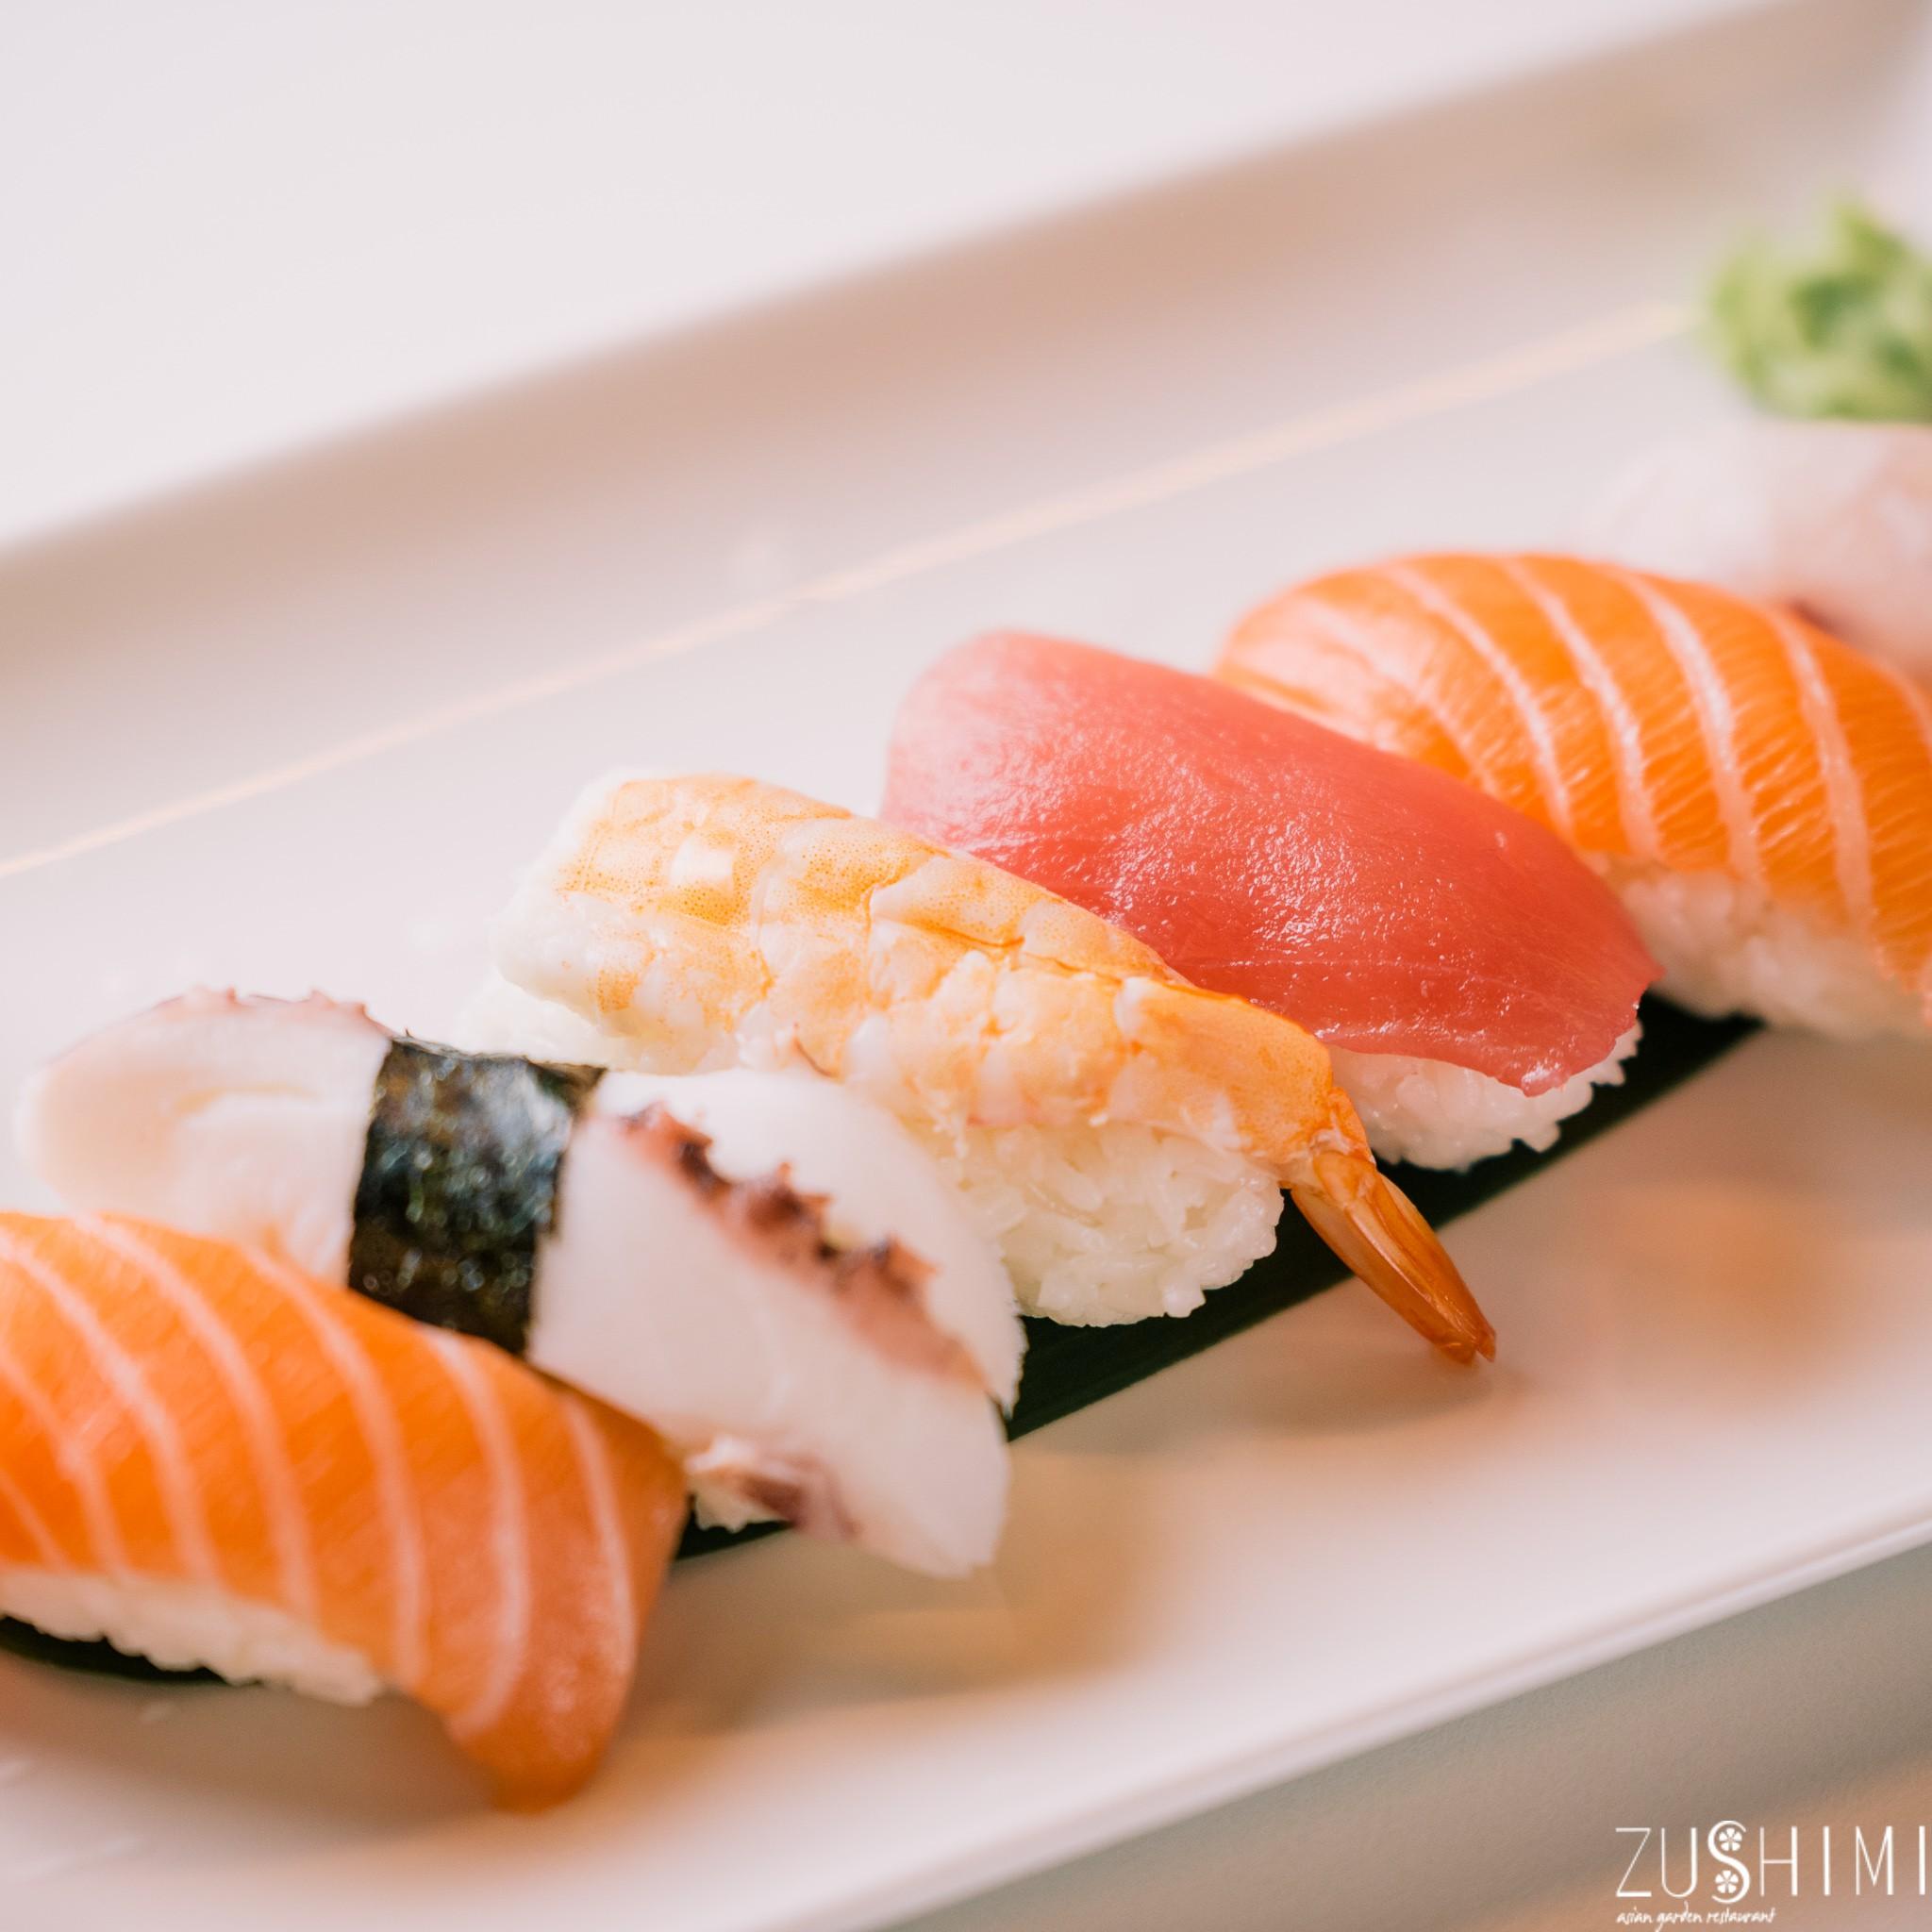 zushimi nigiri mix